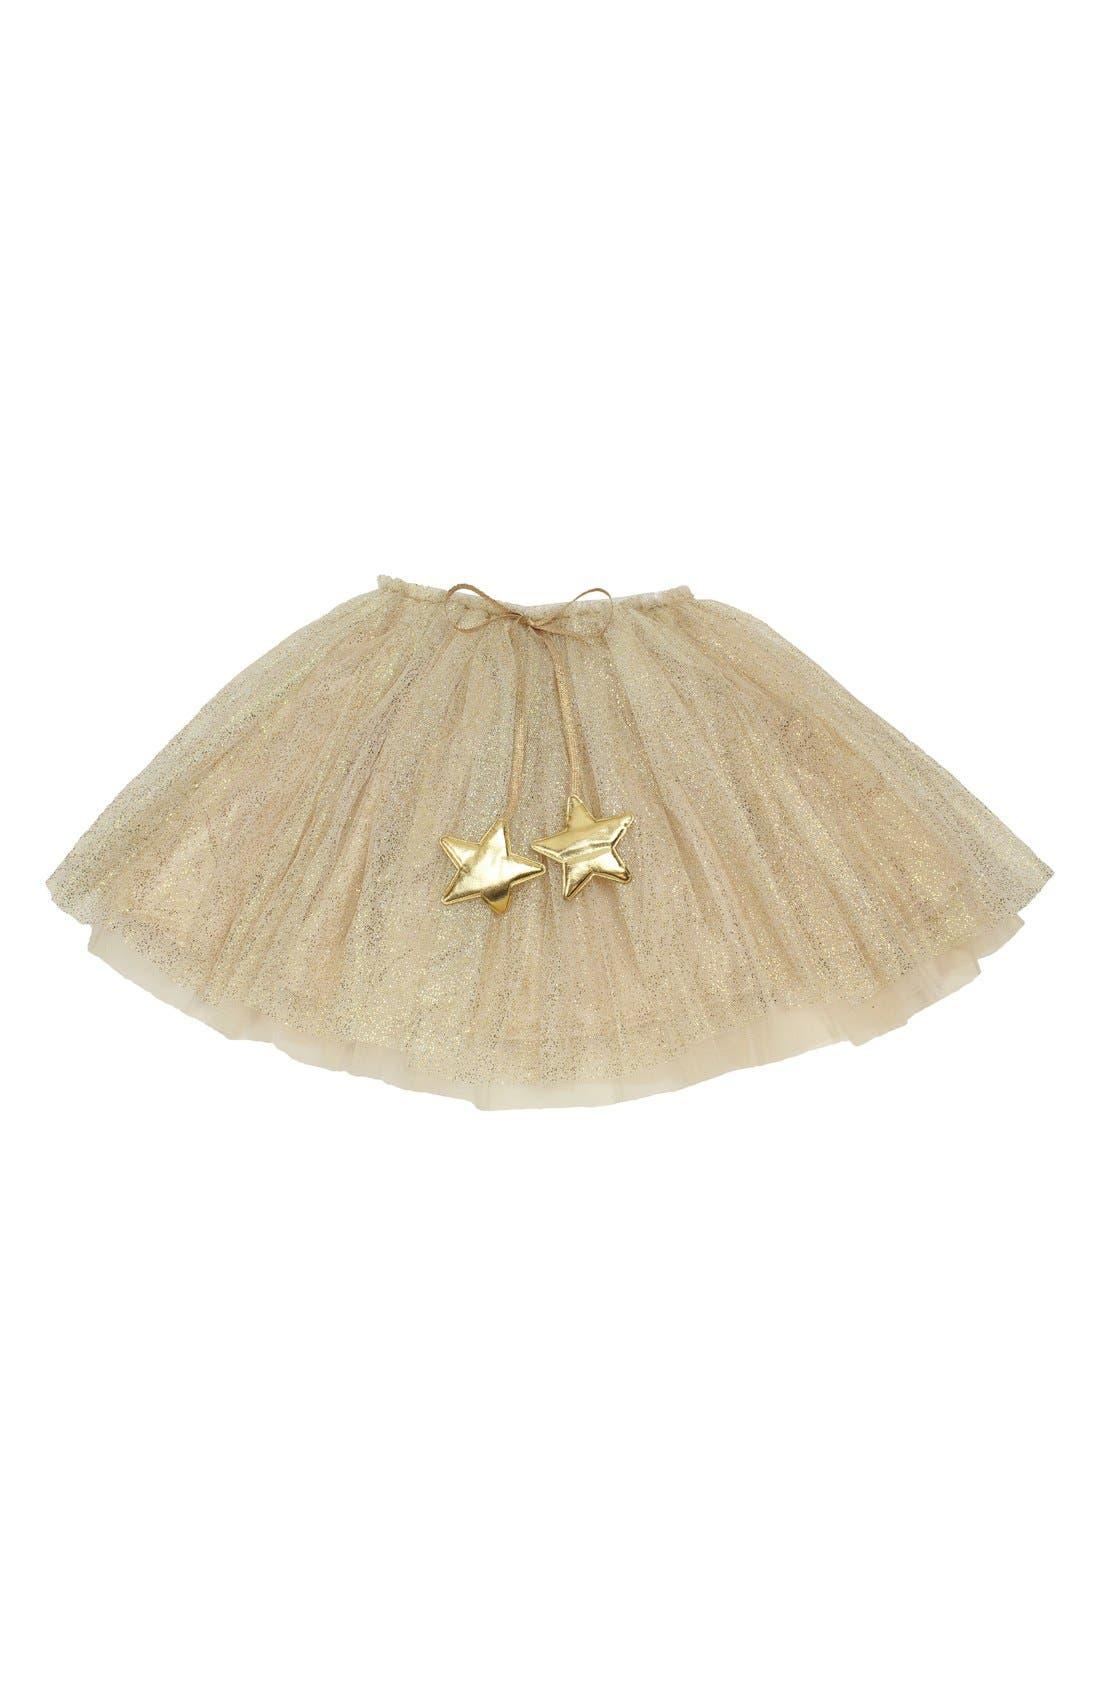 POPATU POCHEW Gold Glitter Star Tutu